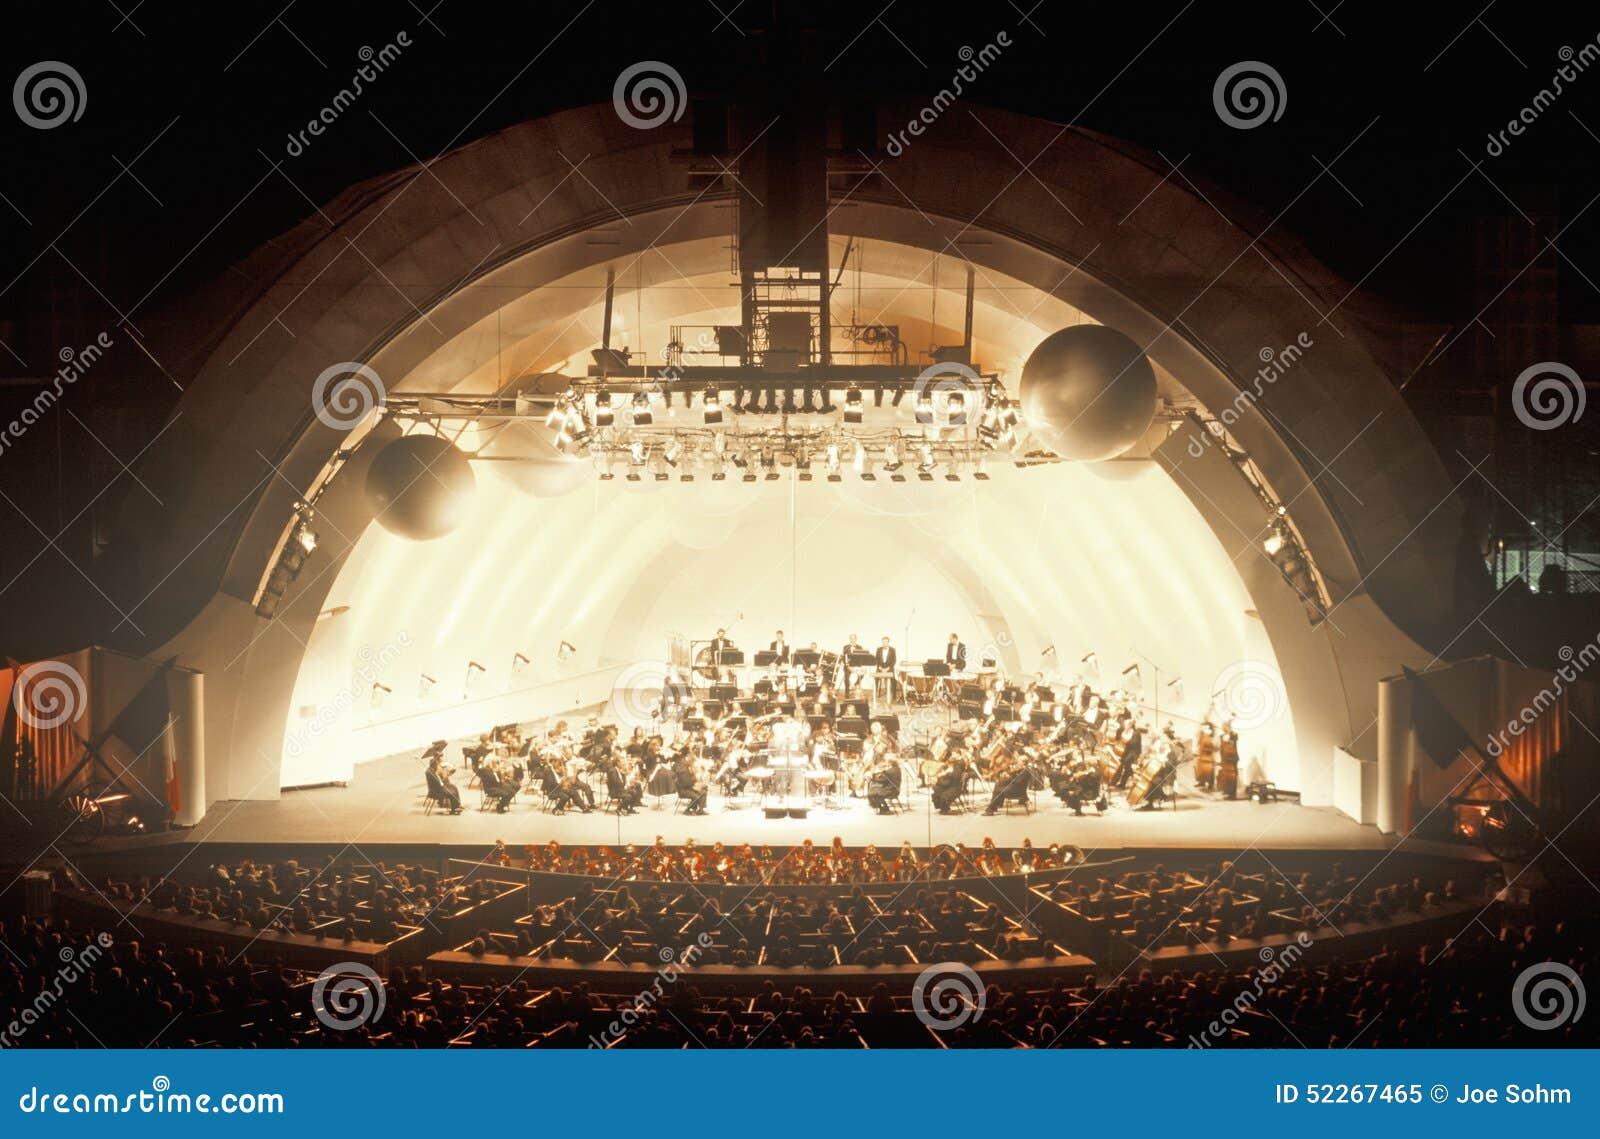 La sinfonía juega Tchaikovsky en el Hollywood Bowl, Los Ángeles, California